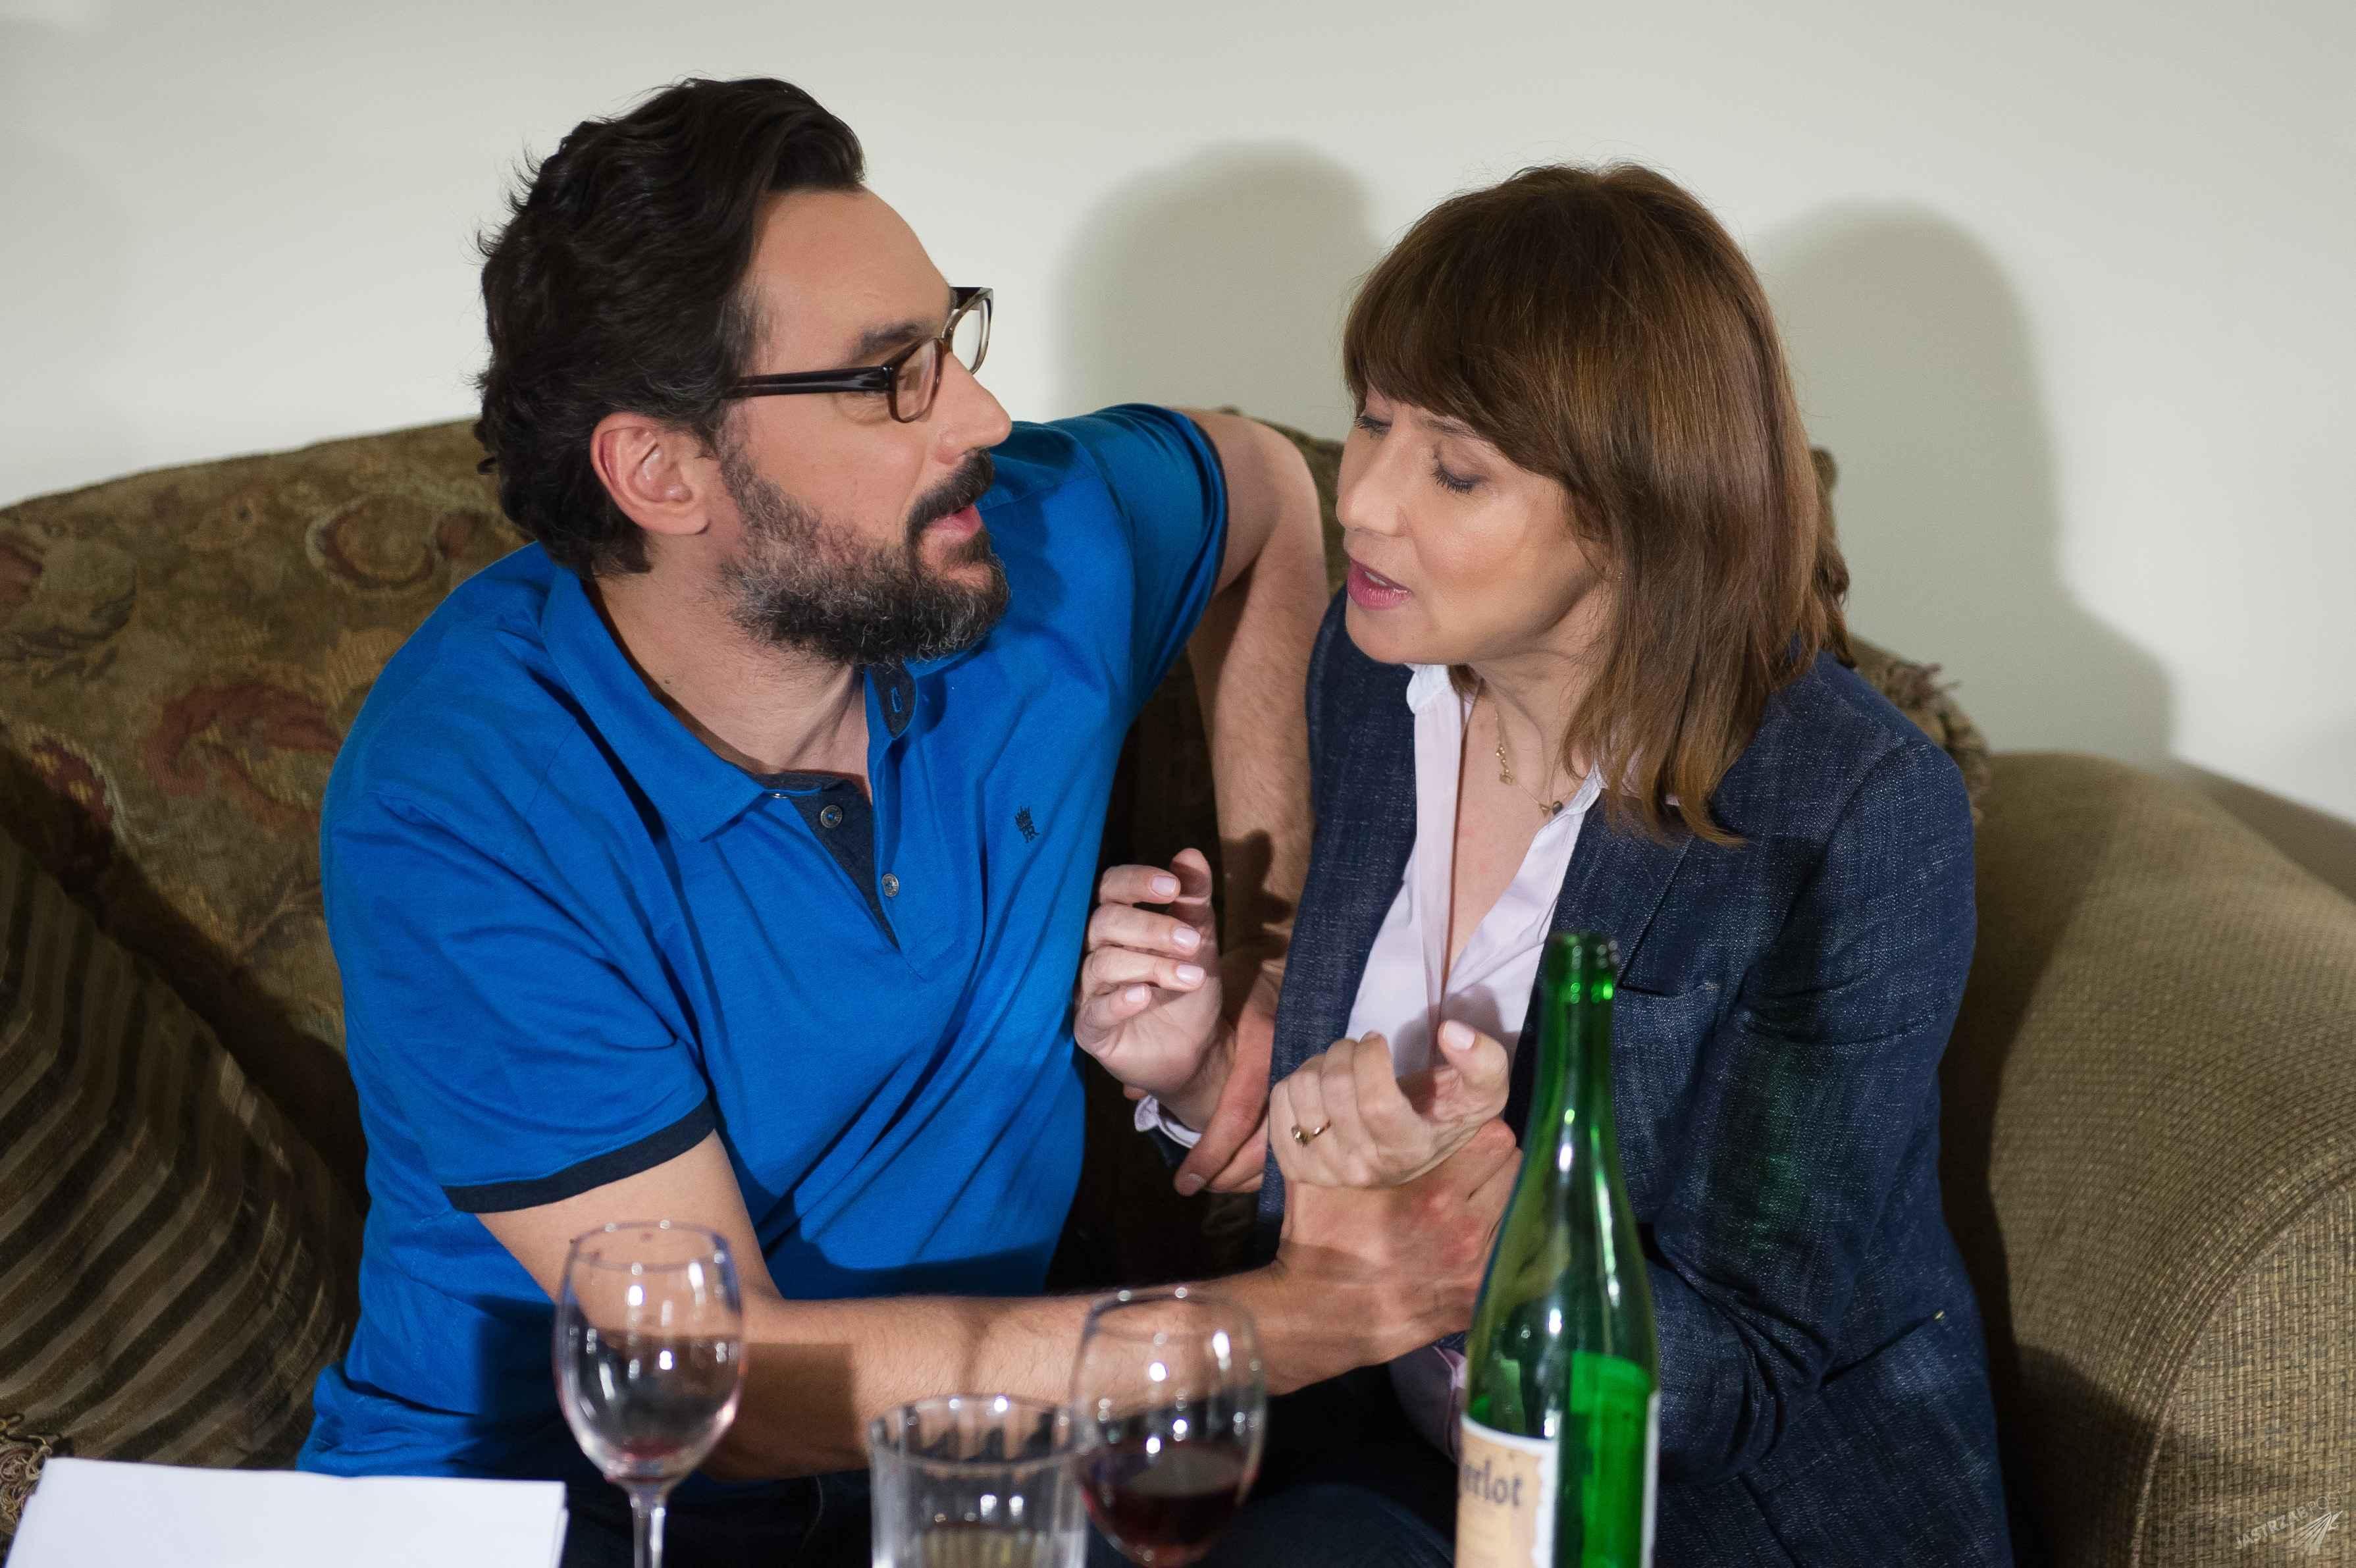 Na Wspólnej 2165, Basia (Grazyna Wolszczak), Adrian (Piotr Jankowski), fot: x-news